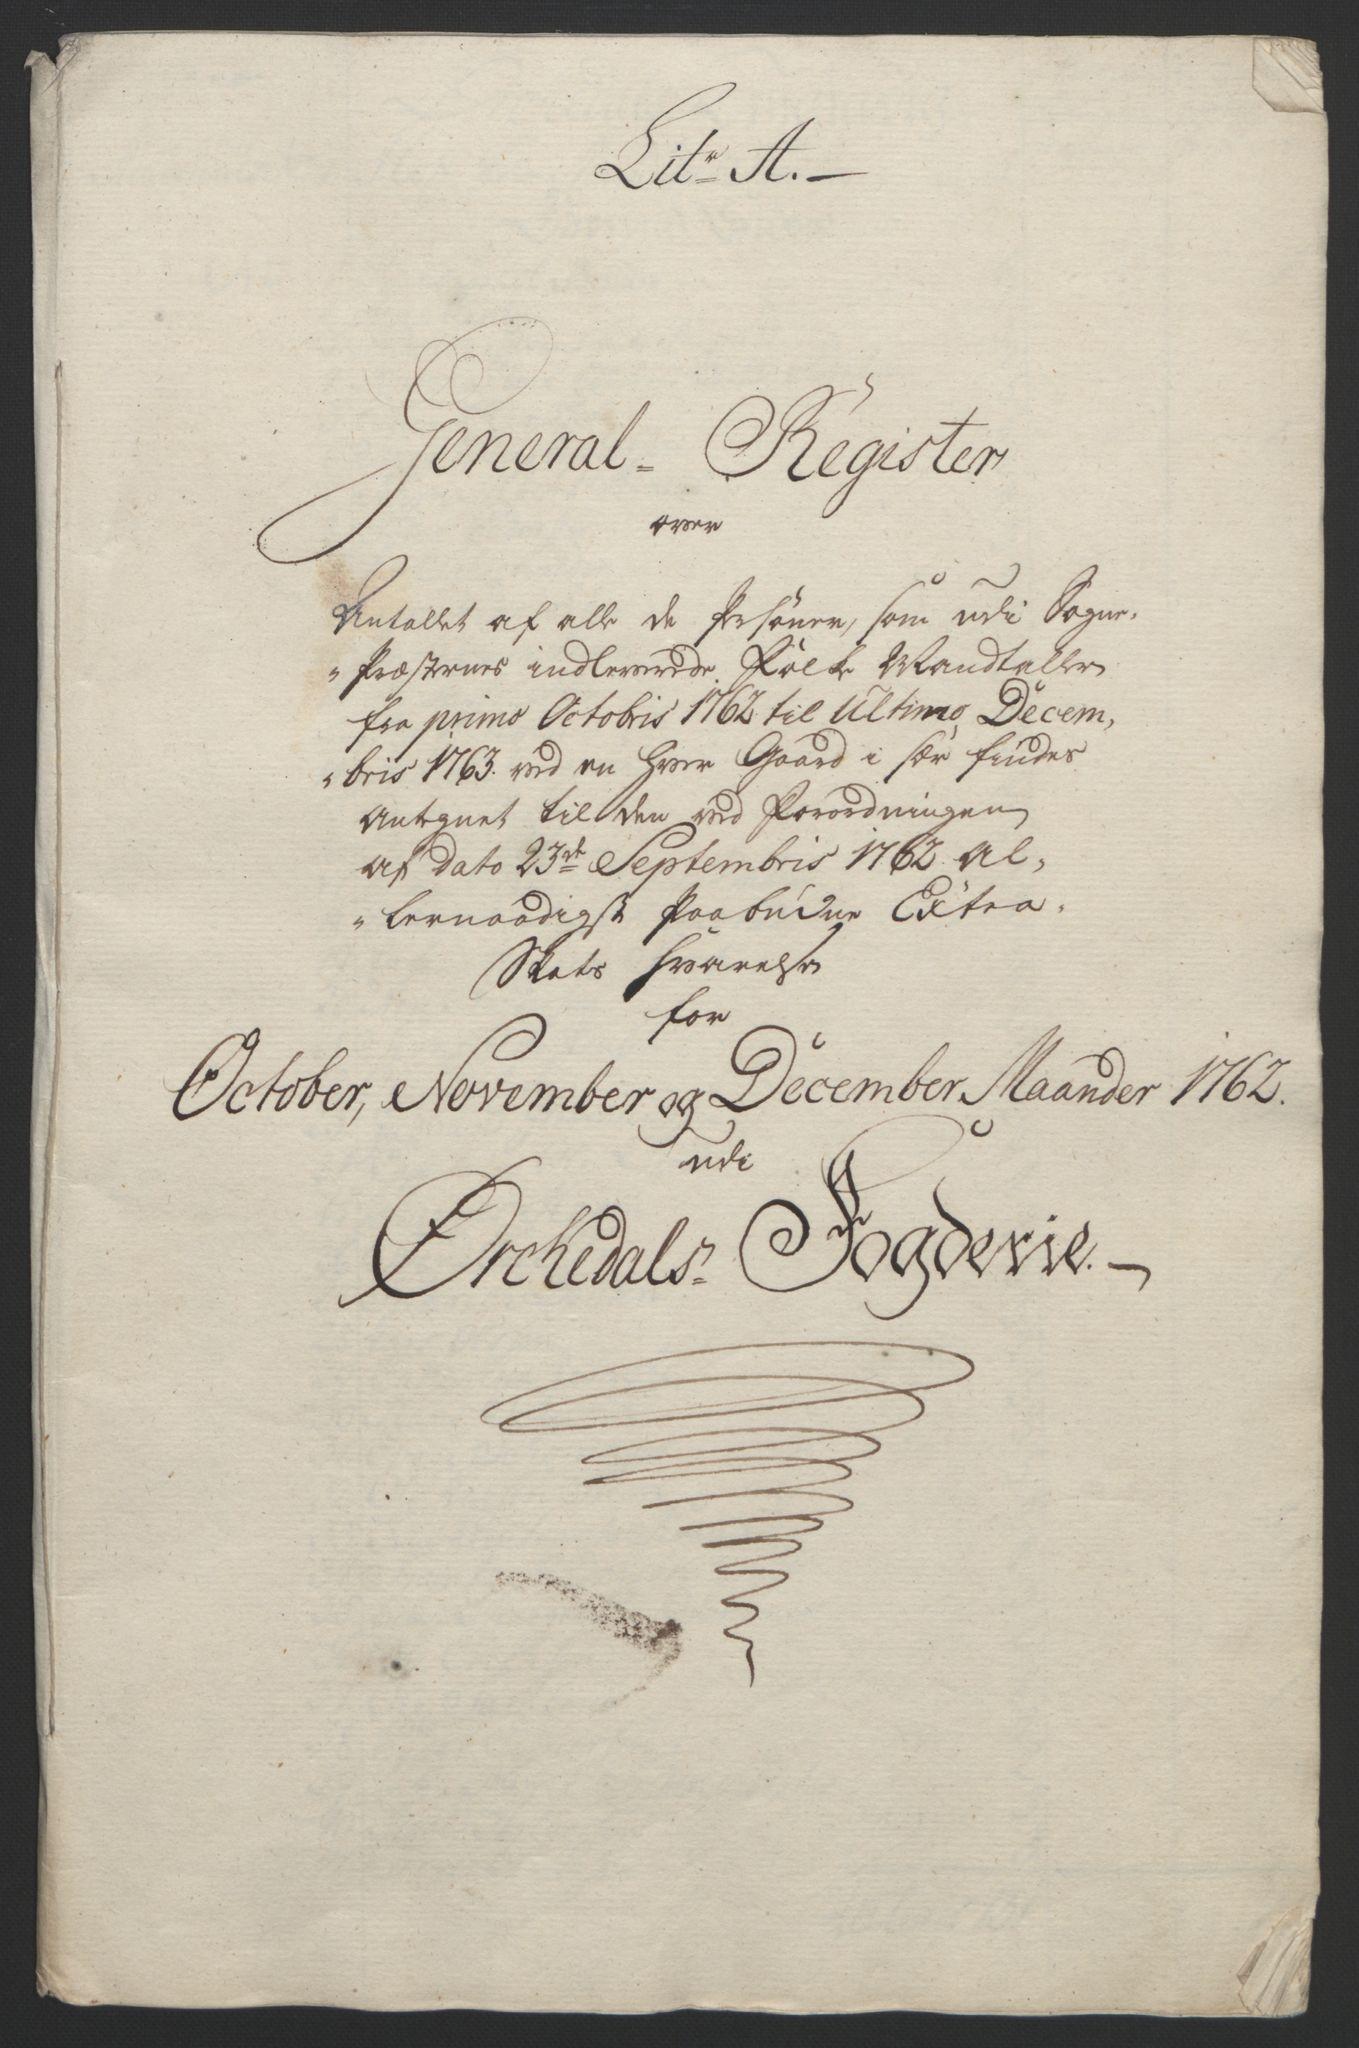 RA, Rentekammeret inntil 1814, Reviderte regnskaper, Fogderegnskap, R60/L4094: Ekstraskatten Orkdal og Gauldal, 1762-1765, s. 19